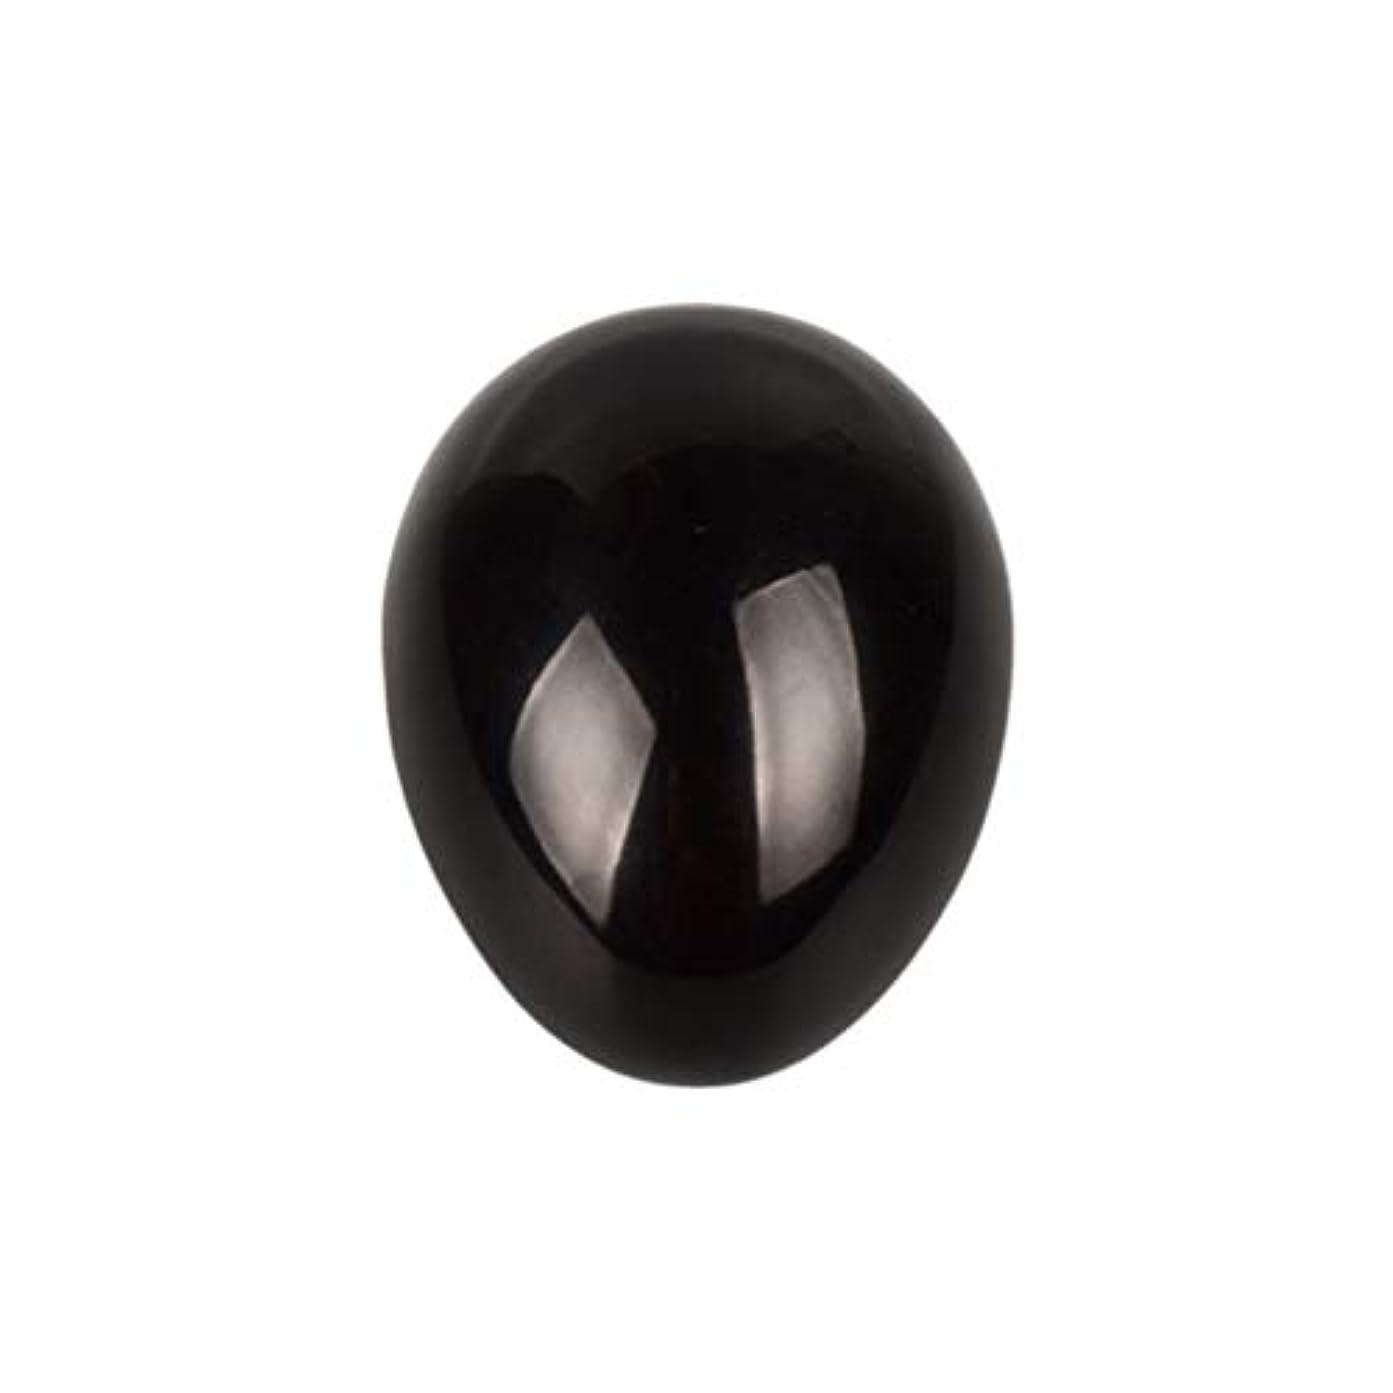 本当にボクシング相対性理論HEALIFTY 黒曜石の癒し瞑想のための黒曜石の卵球